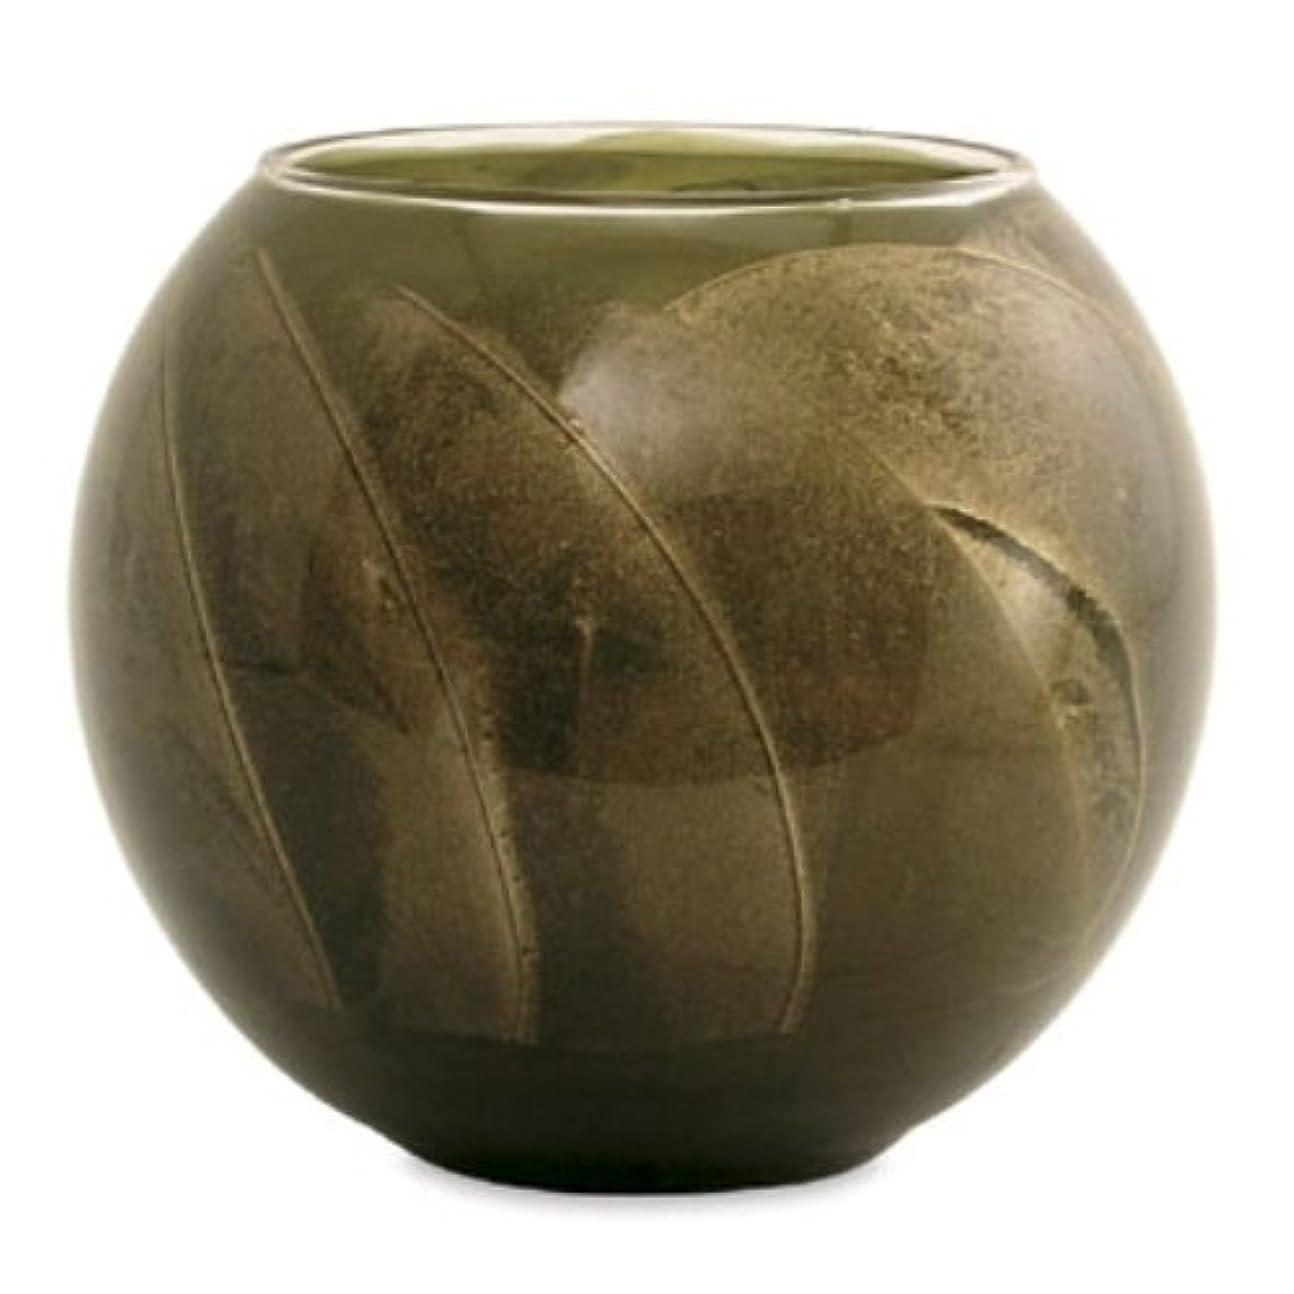 節約動詞ピアニストNorthern Lights Candles Esque Polished Globe - 4 inch Olive by Northern Lights Candles [並行輸入品]